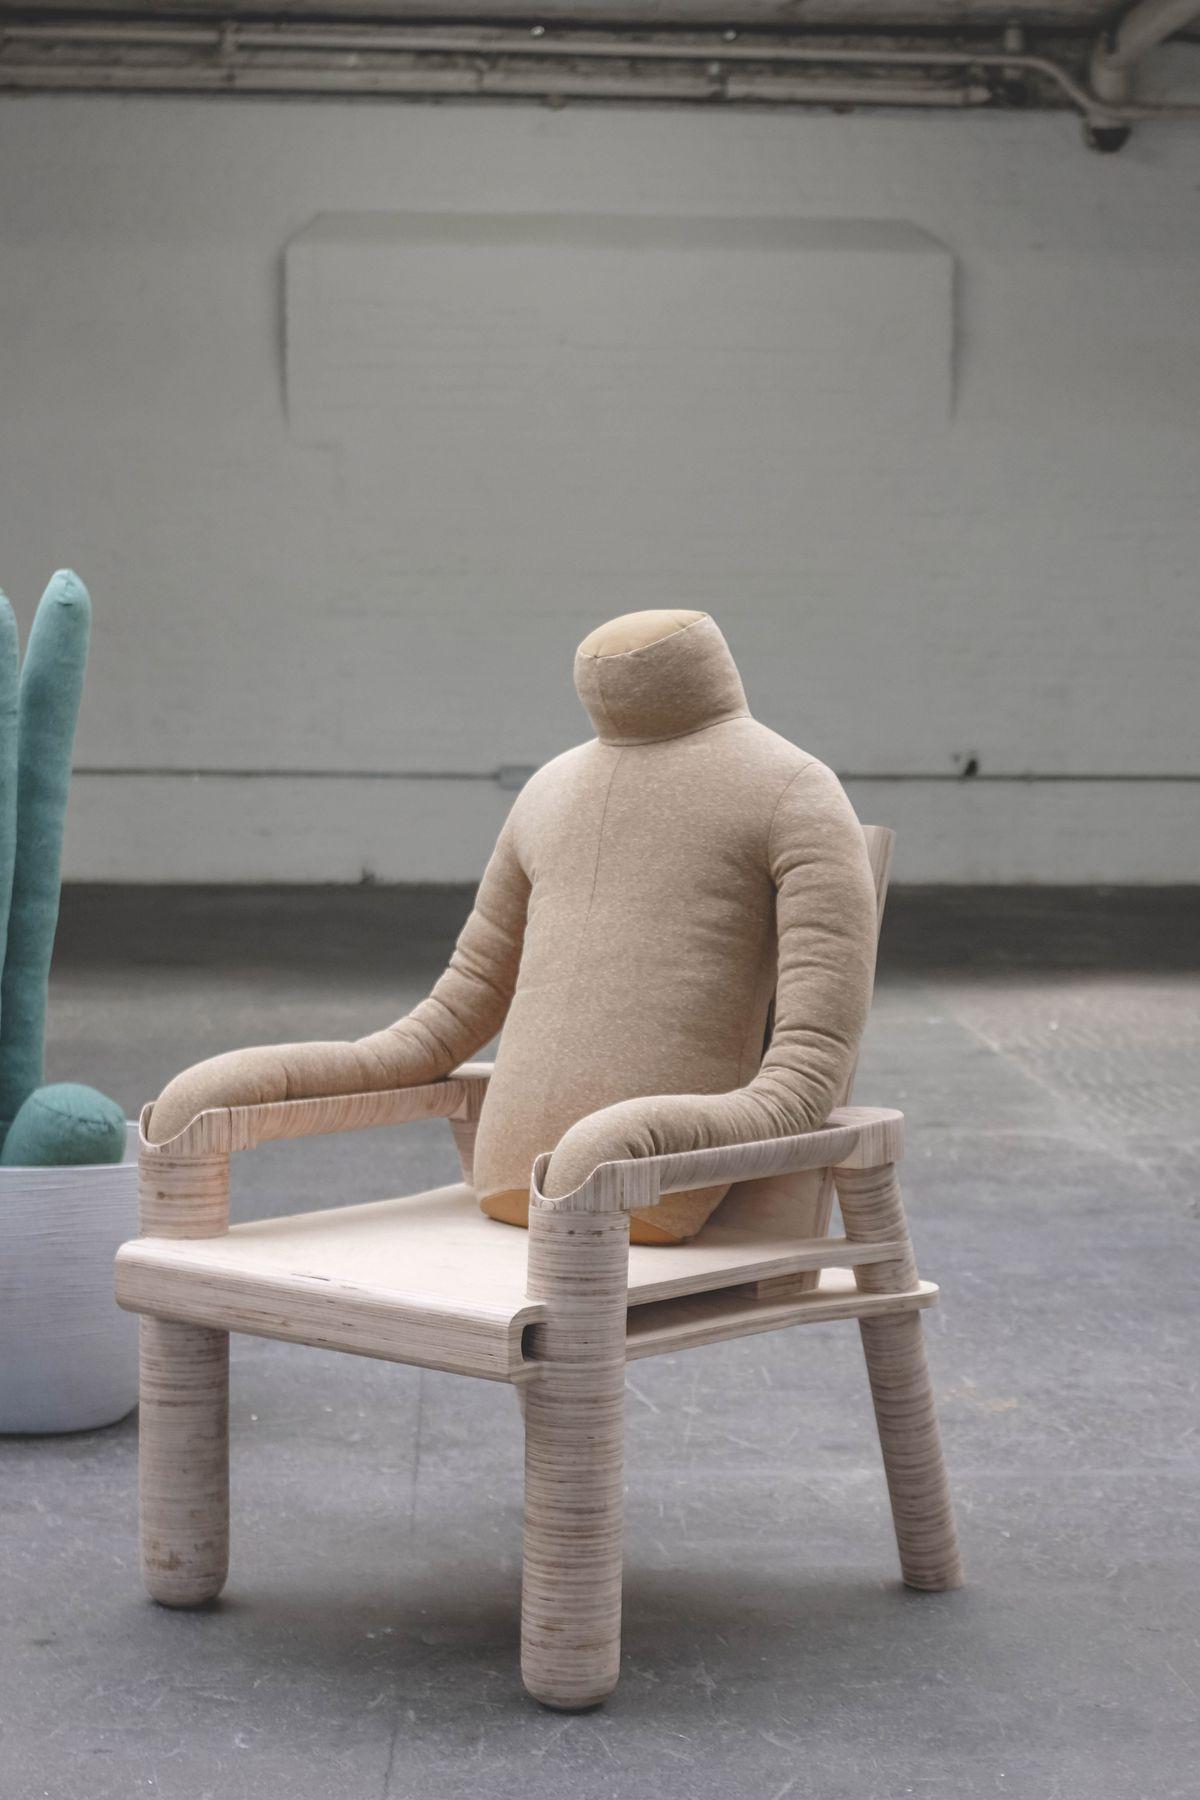 Headless pillow on chair